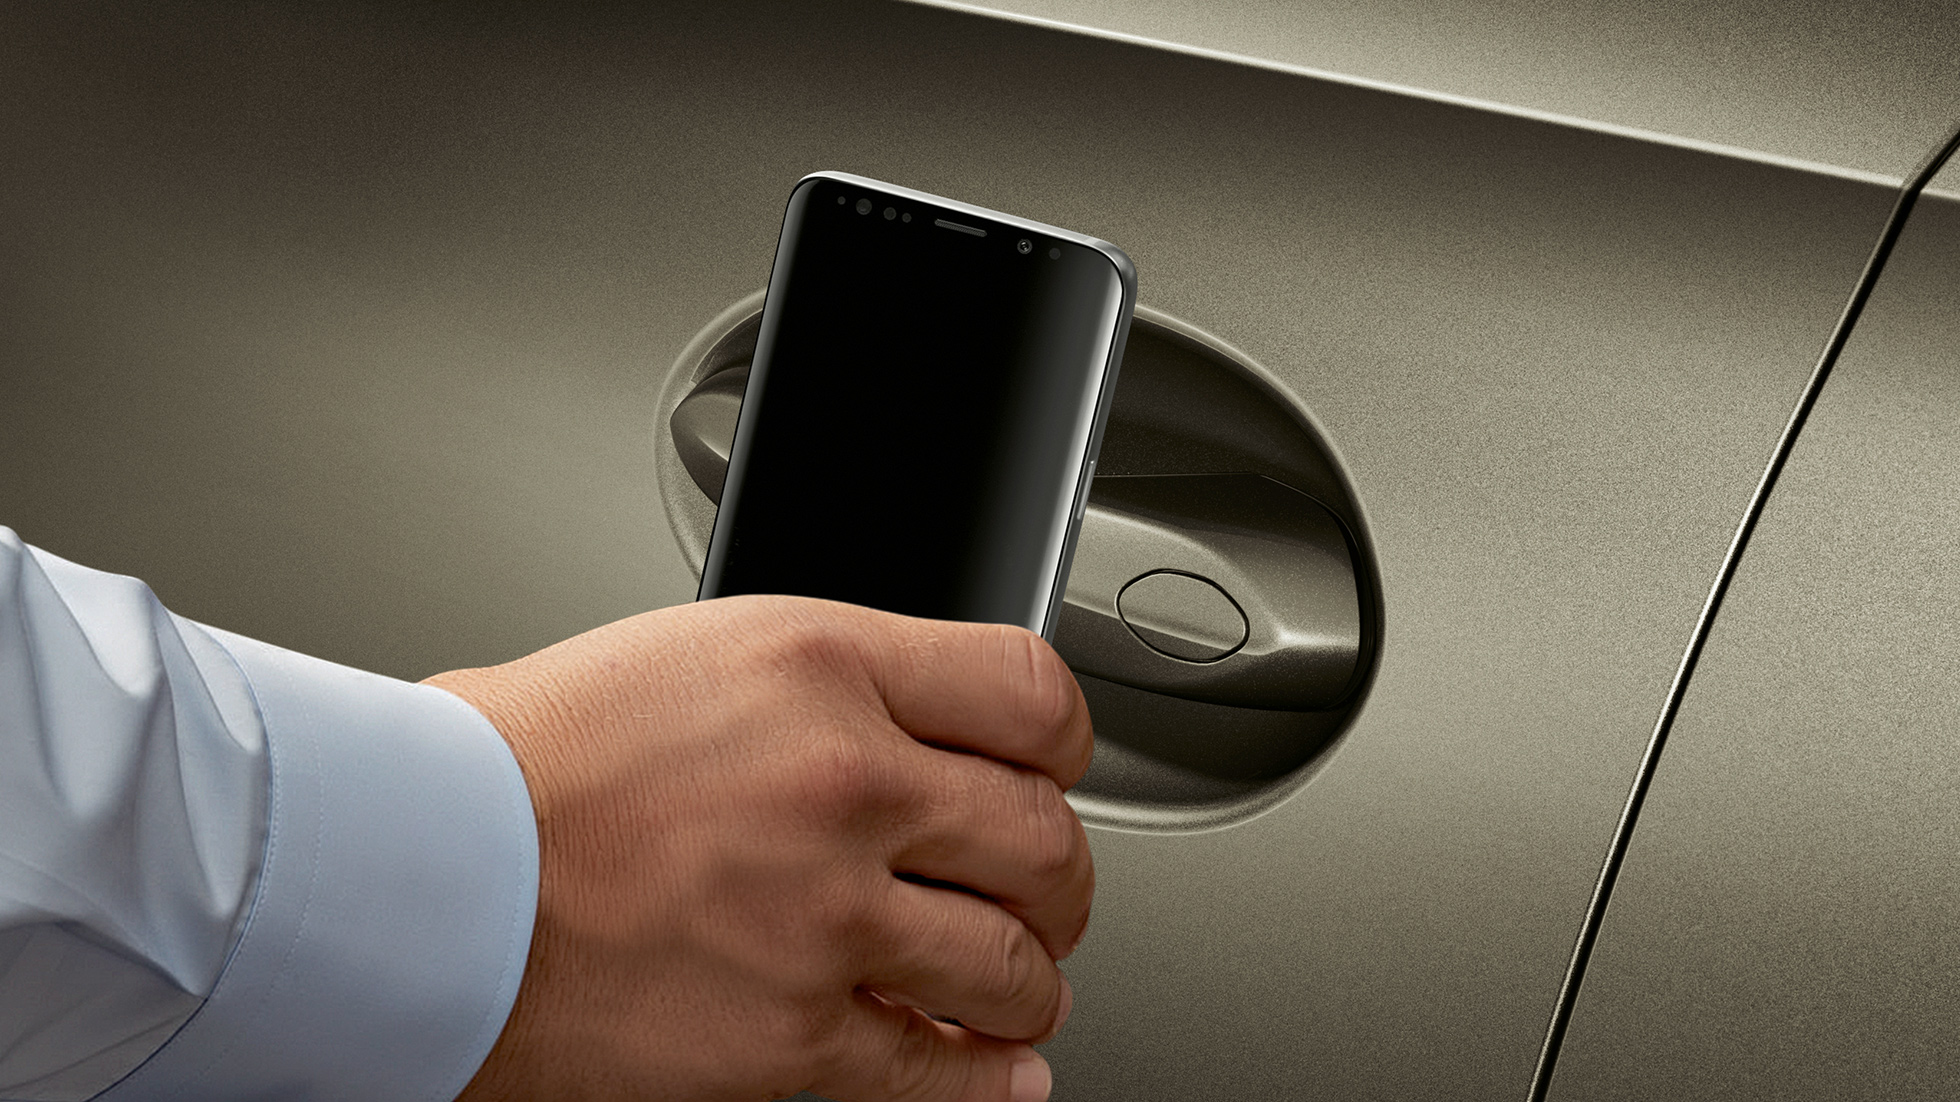 BMW X6, открытый с помощью функции Smart Access со смартфона